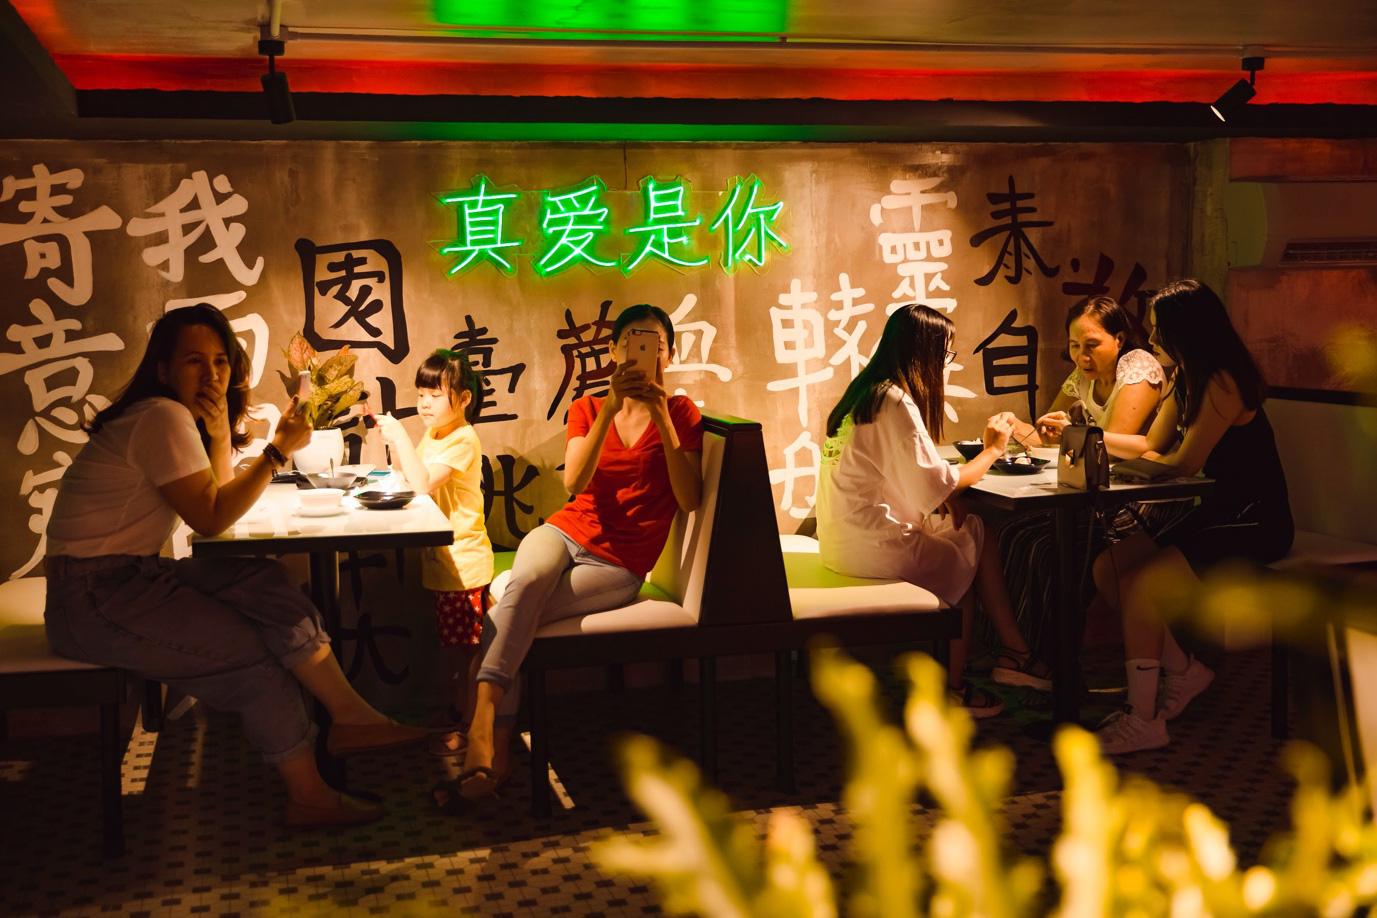 """Tới Sài Gòn chưa ăn thử mấy món này, coi như """"phí công checkin"""" - Ảnh 1."""